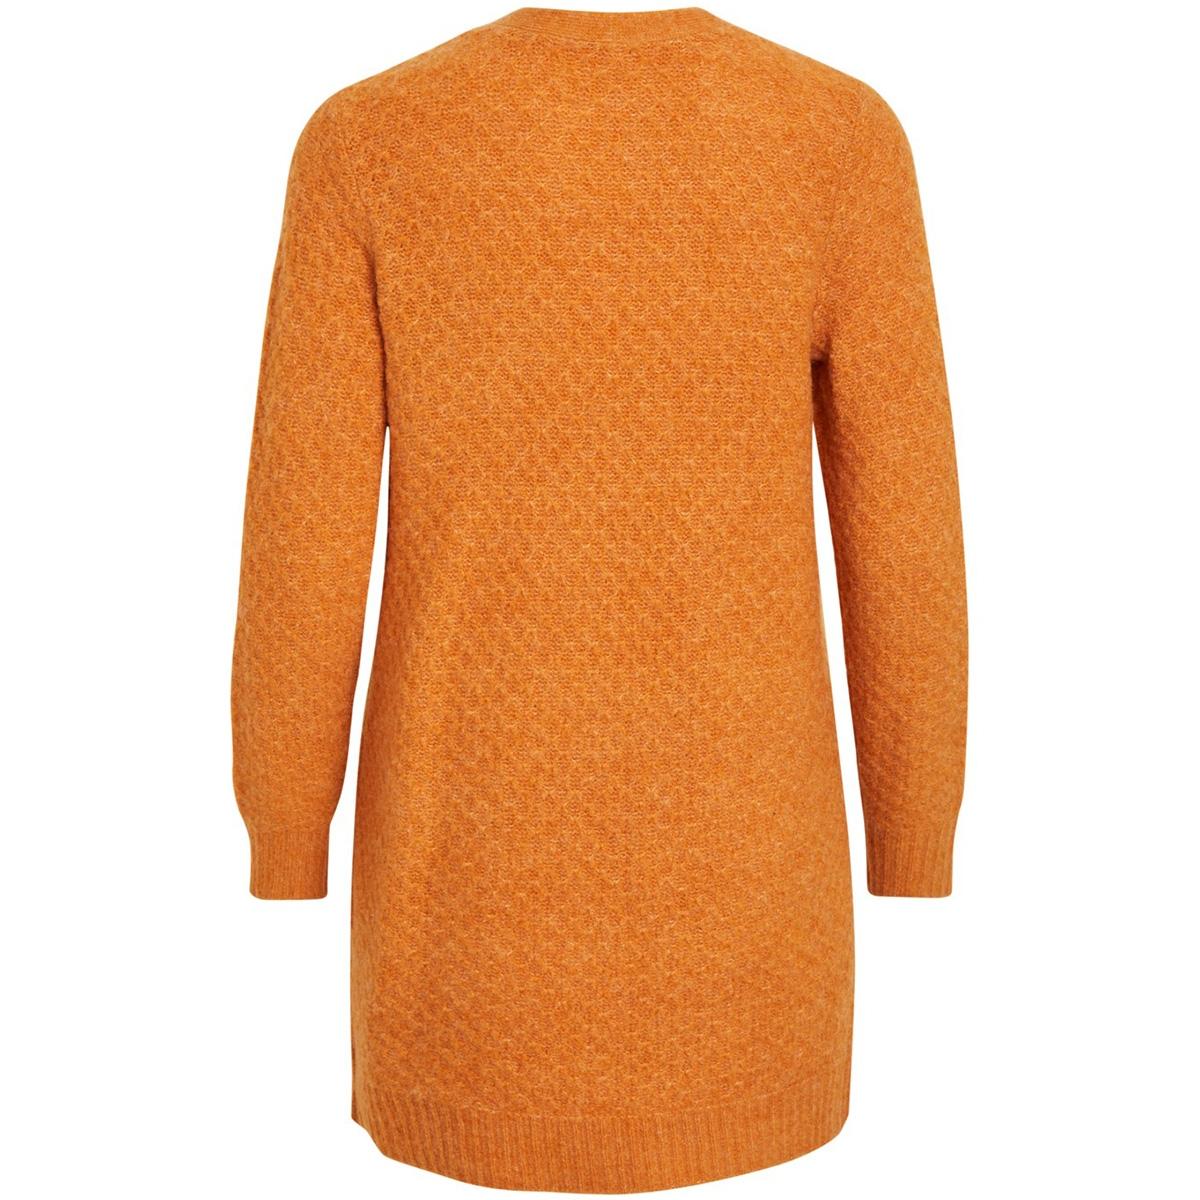 viinfi knit cardigan - noos 14053270 vila vest golden oak/melange